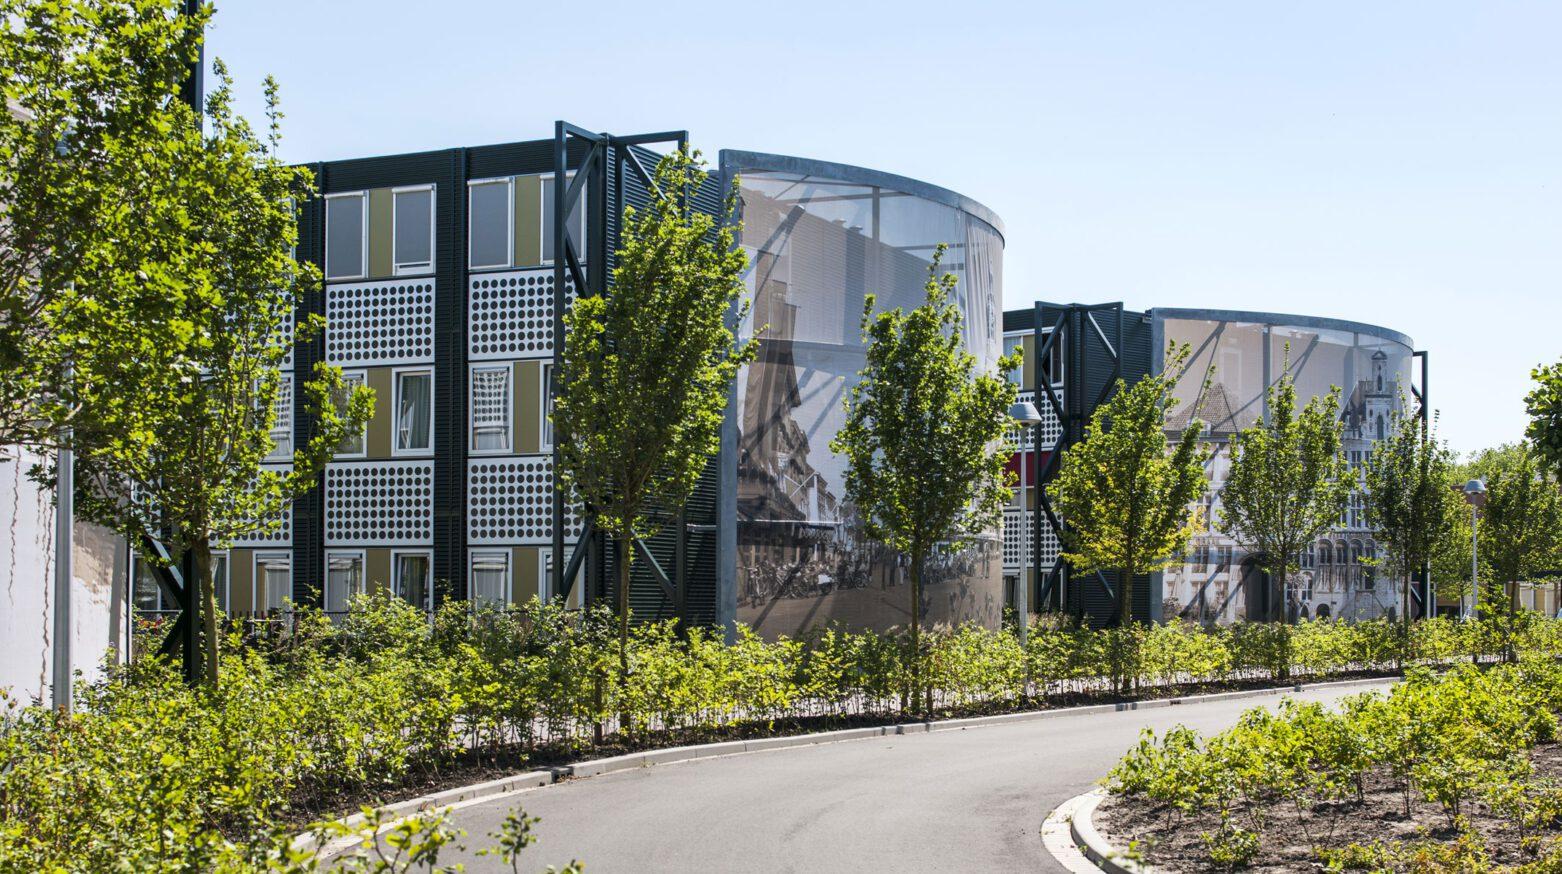 Tantelouise vivensis buitenzijde gebouw